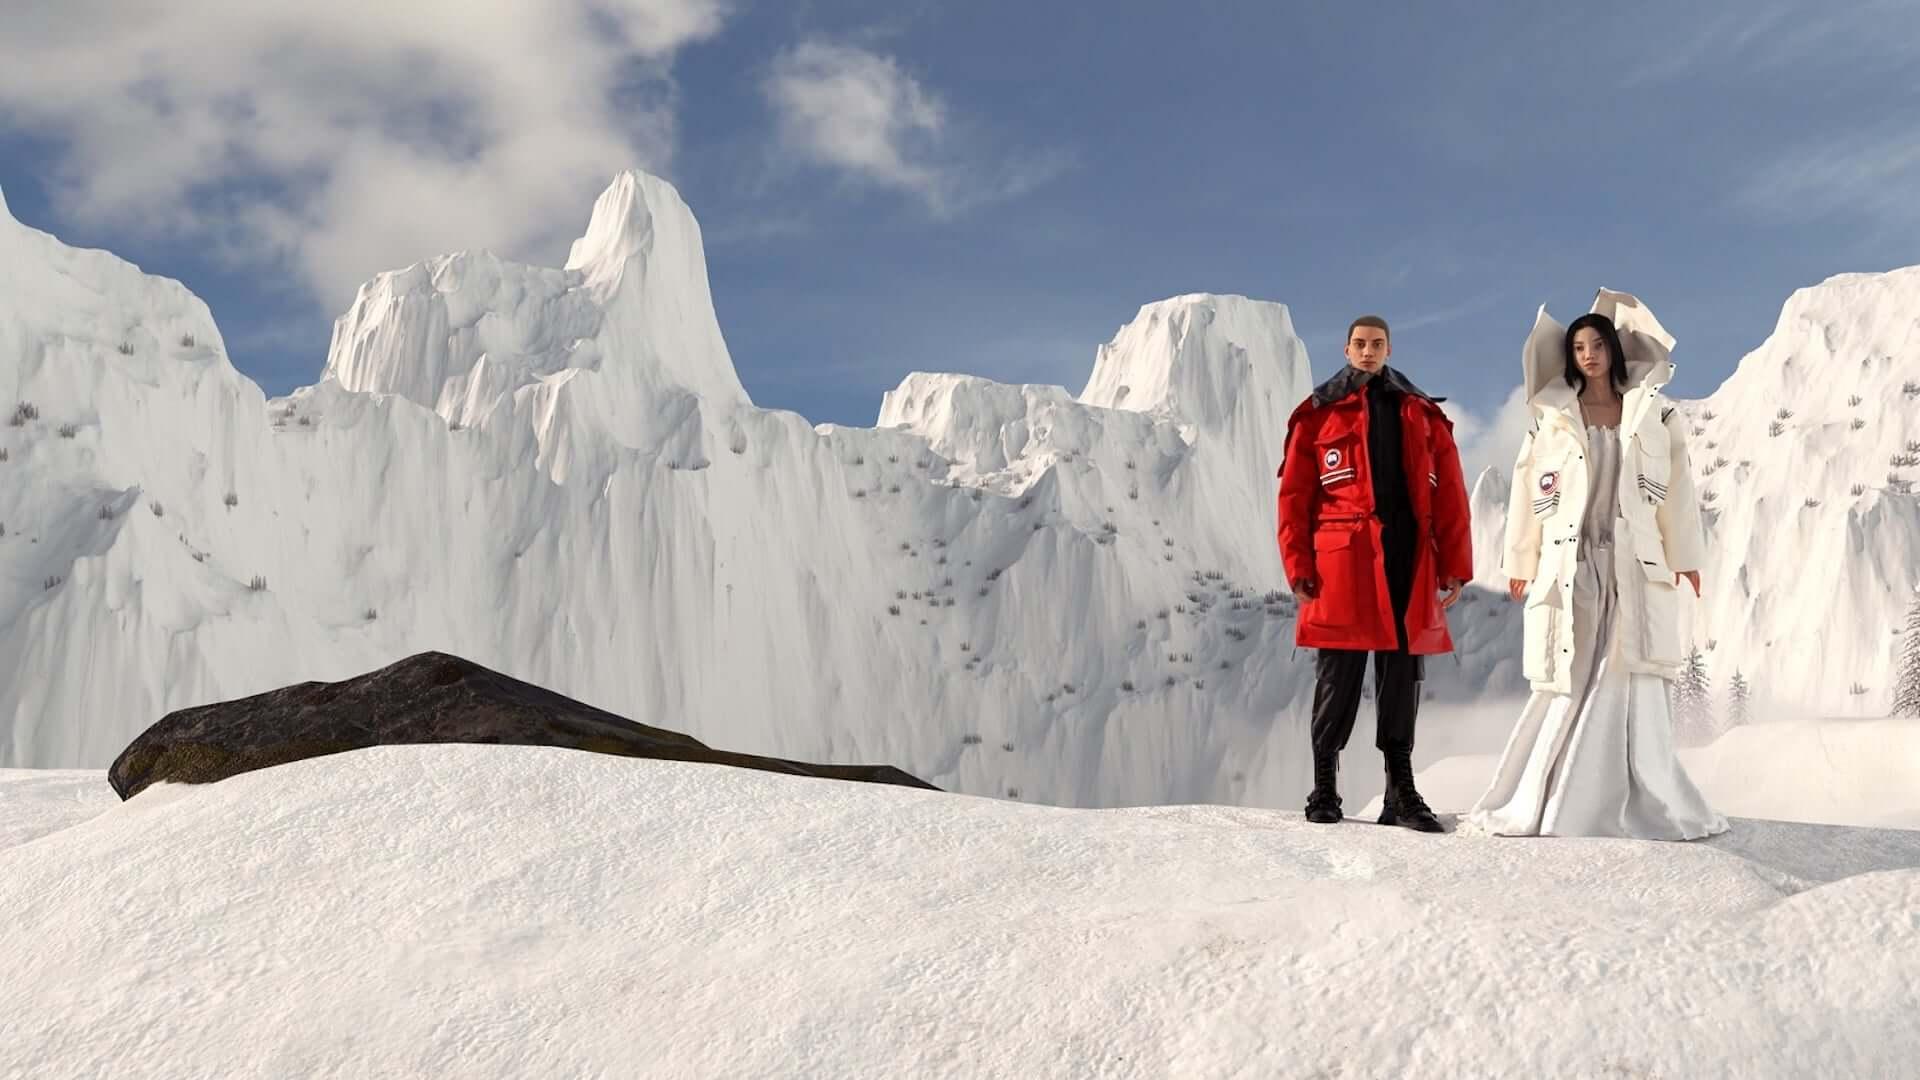 カナダグースがエンジェル・チェンを迎えたカプセルコレクションを発売決定!アウトドアにもおすすめなジャケット、ベストなど多数展開 lf210121_canadagoose_4-1920x1080